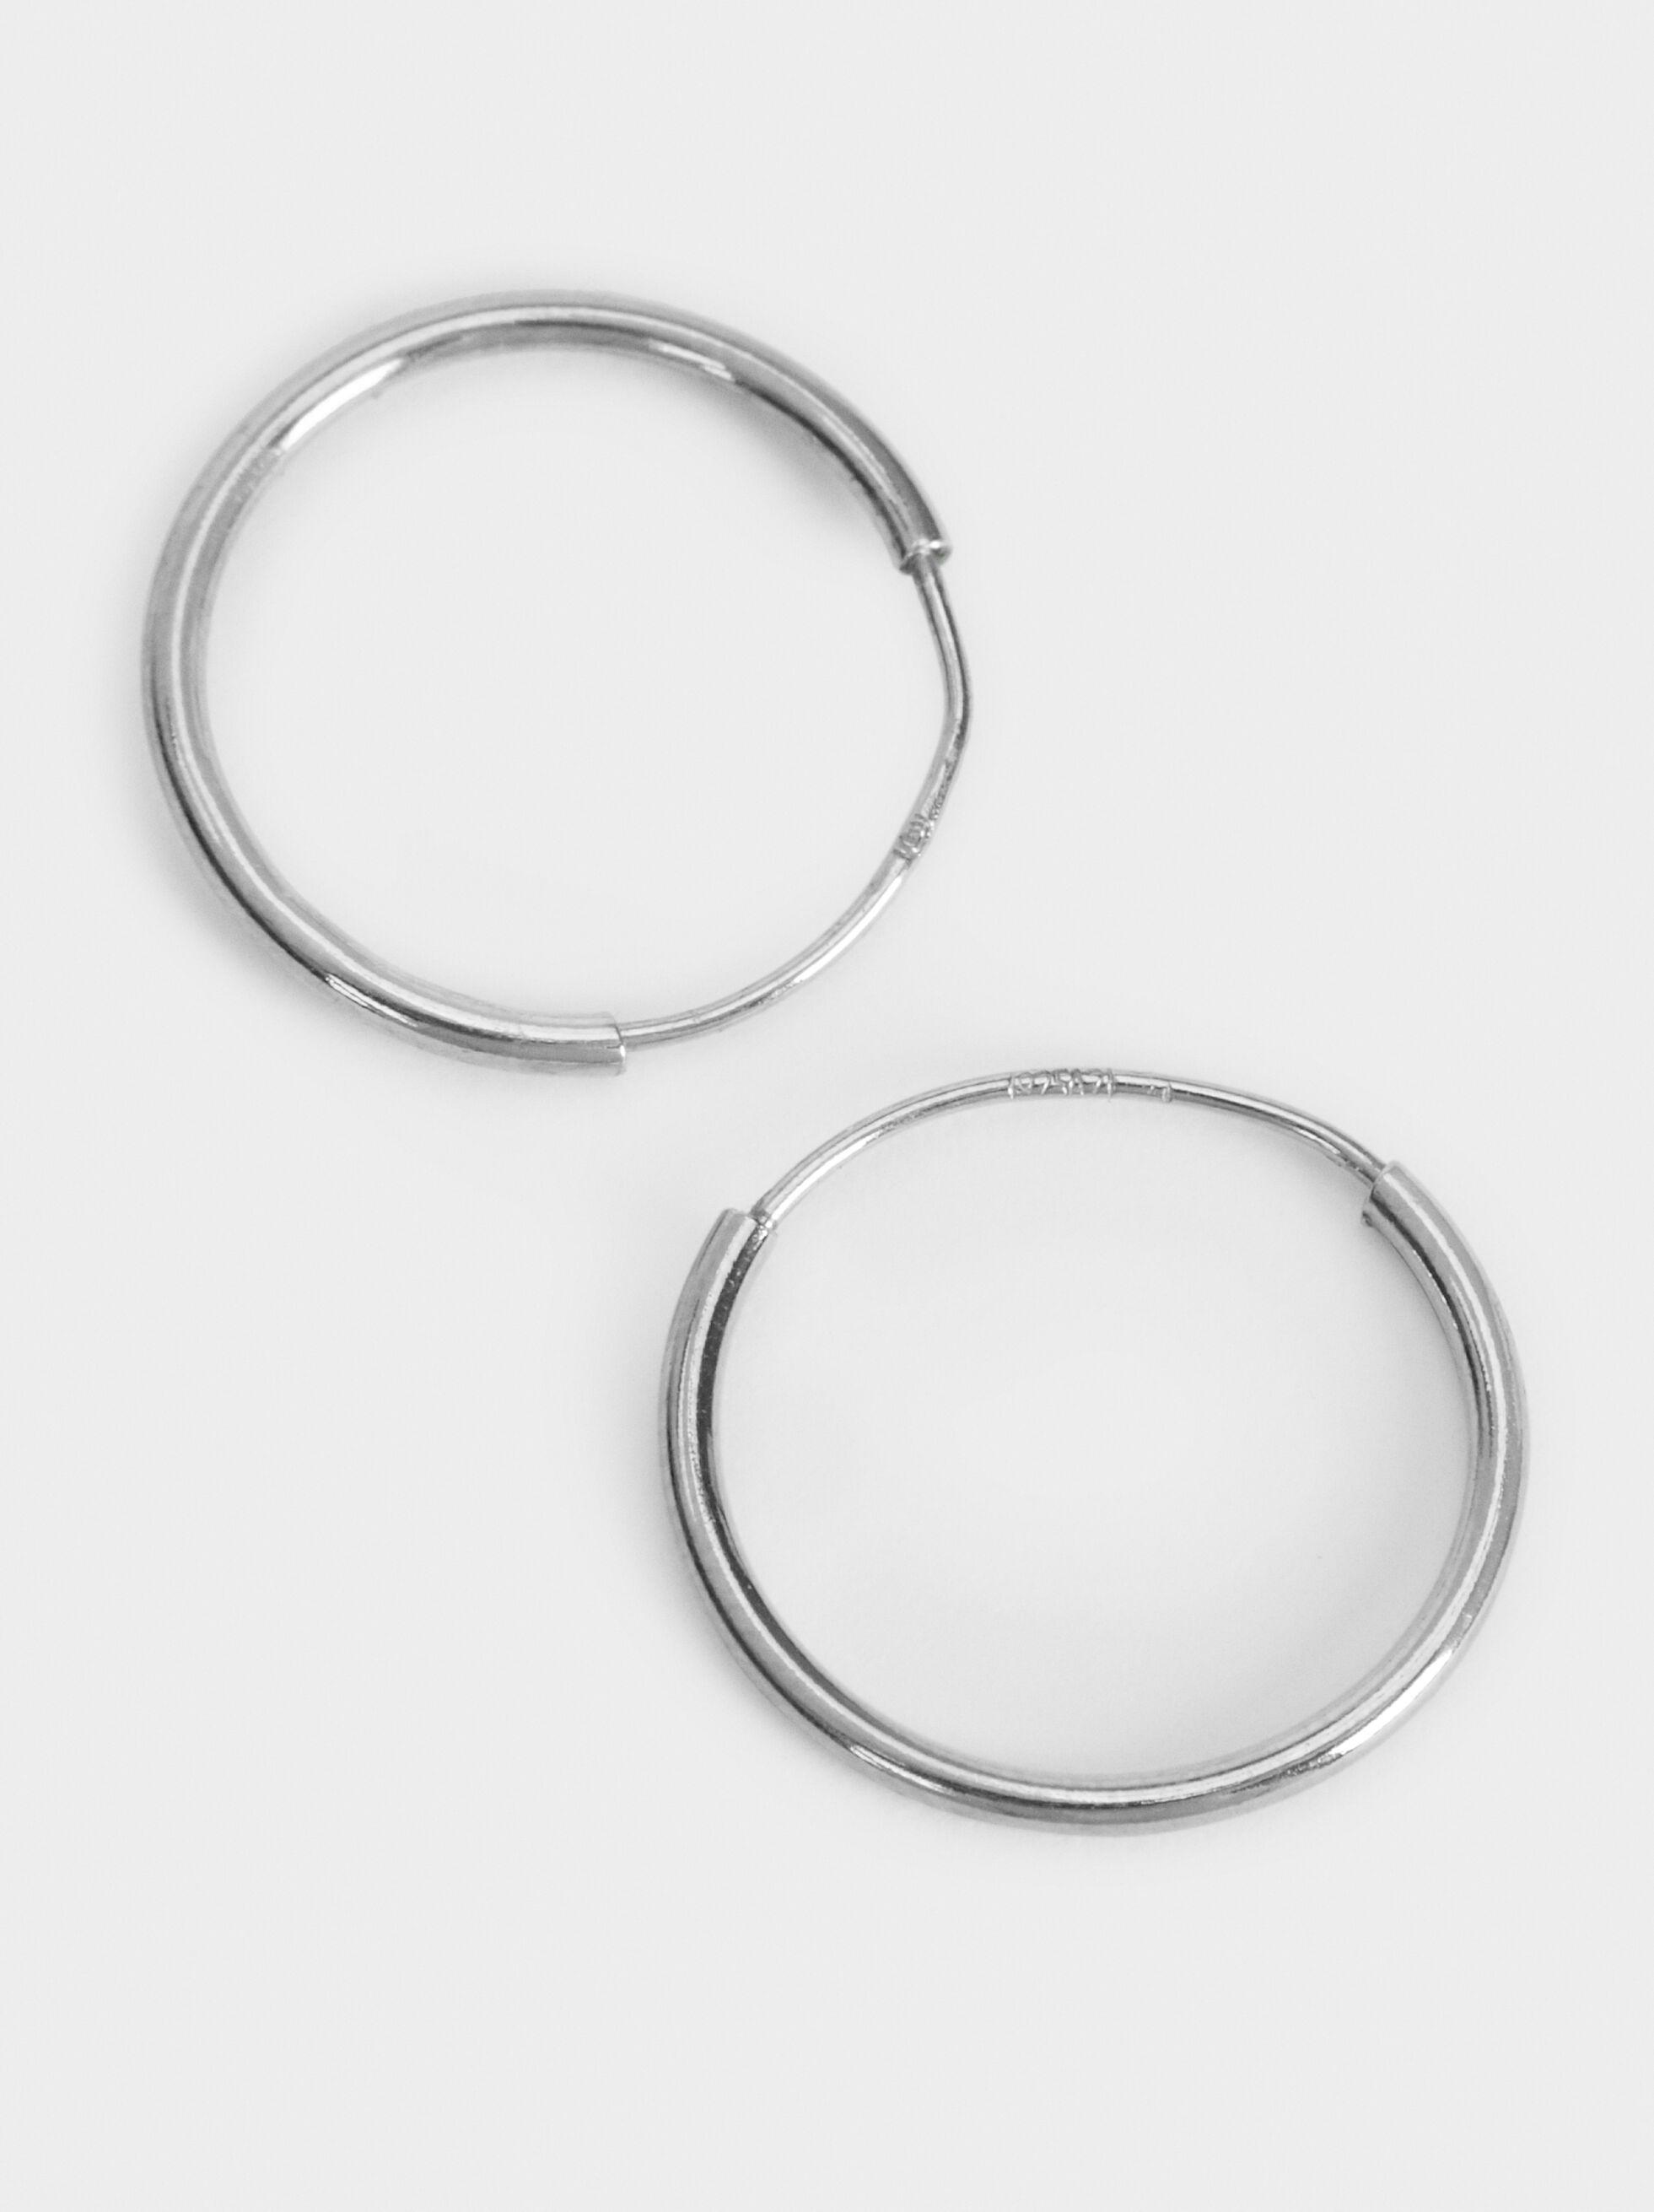 Small 925 Silver Hoop Earrings, Silver, hi-res